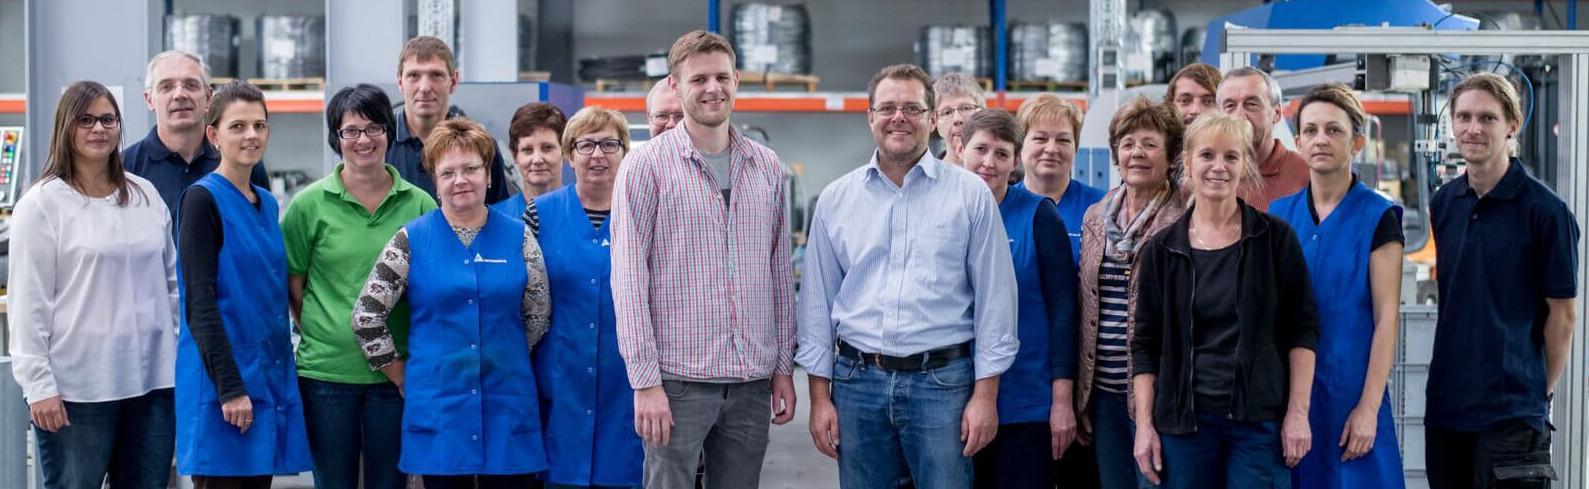 Das Team von Hinterdobler Fabrikations GmbH | Langjährige Erfahrung kombiniert mit frischen Ideen